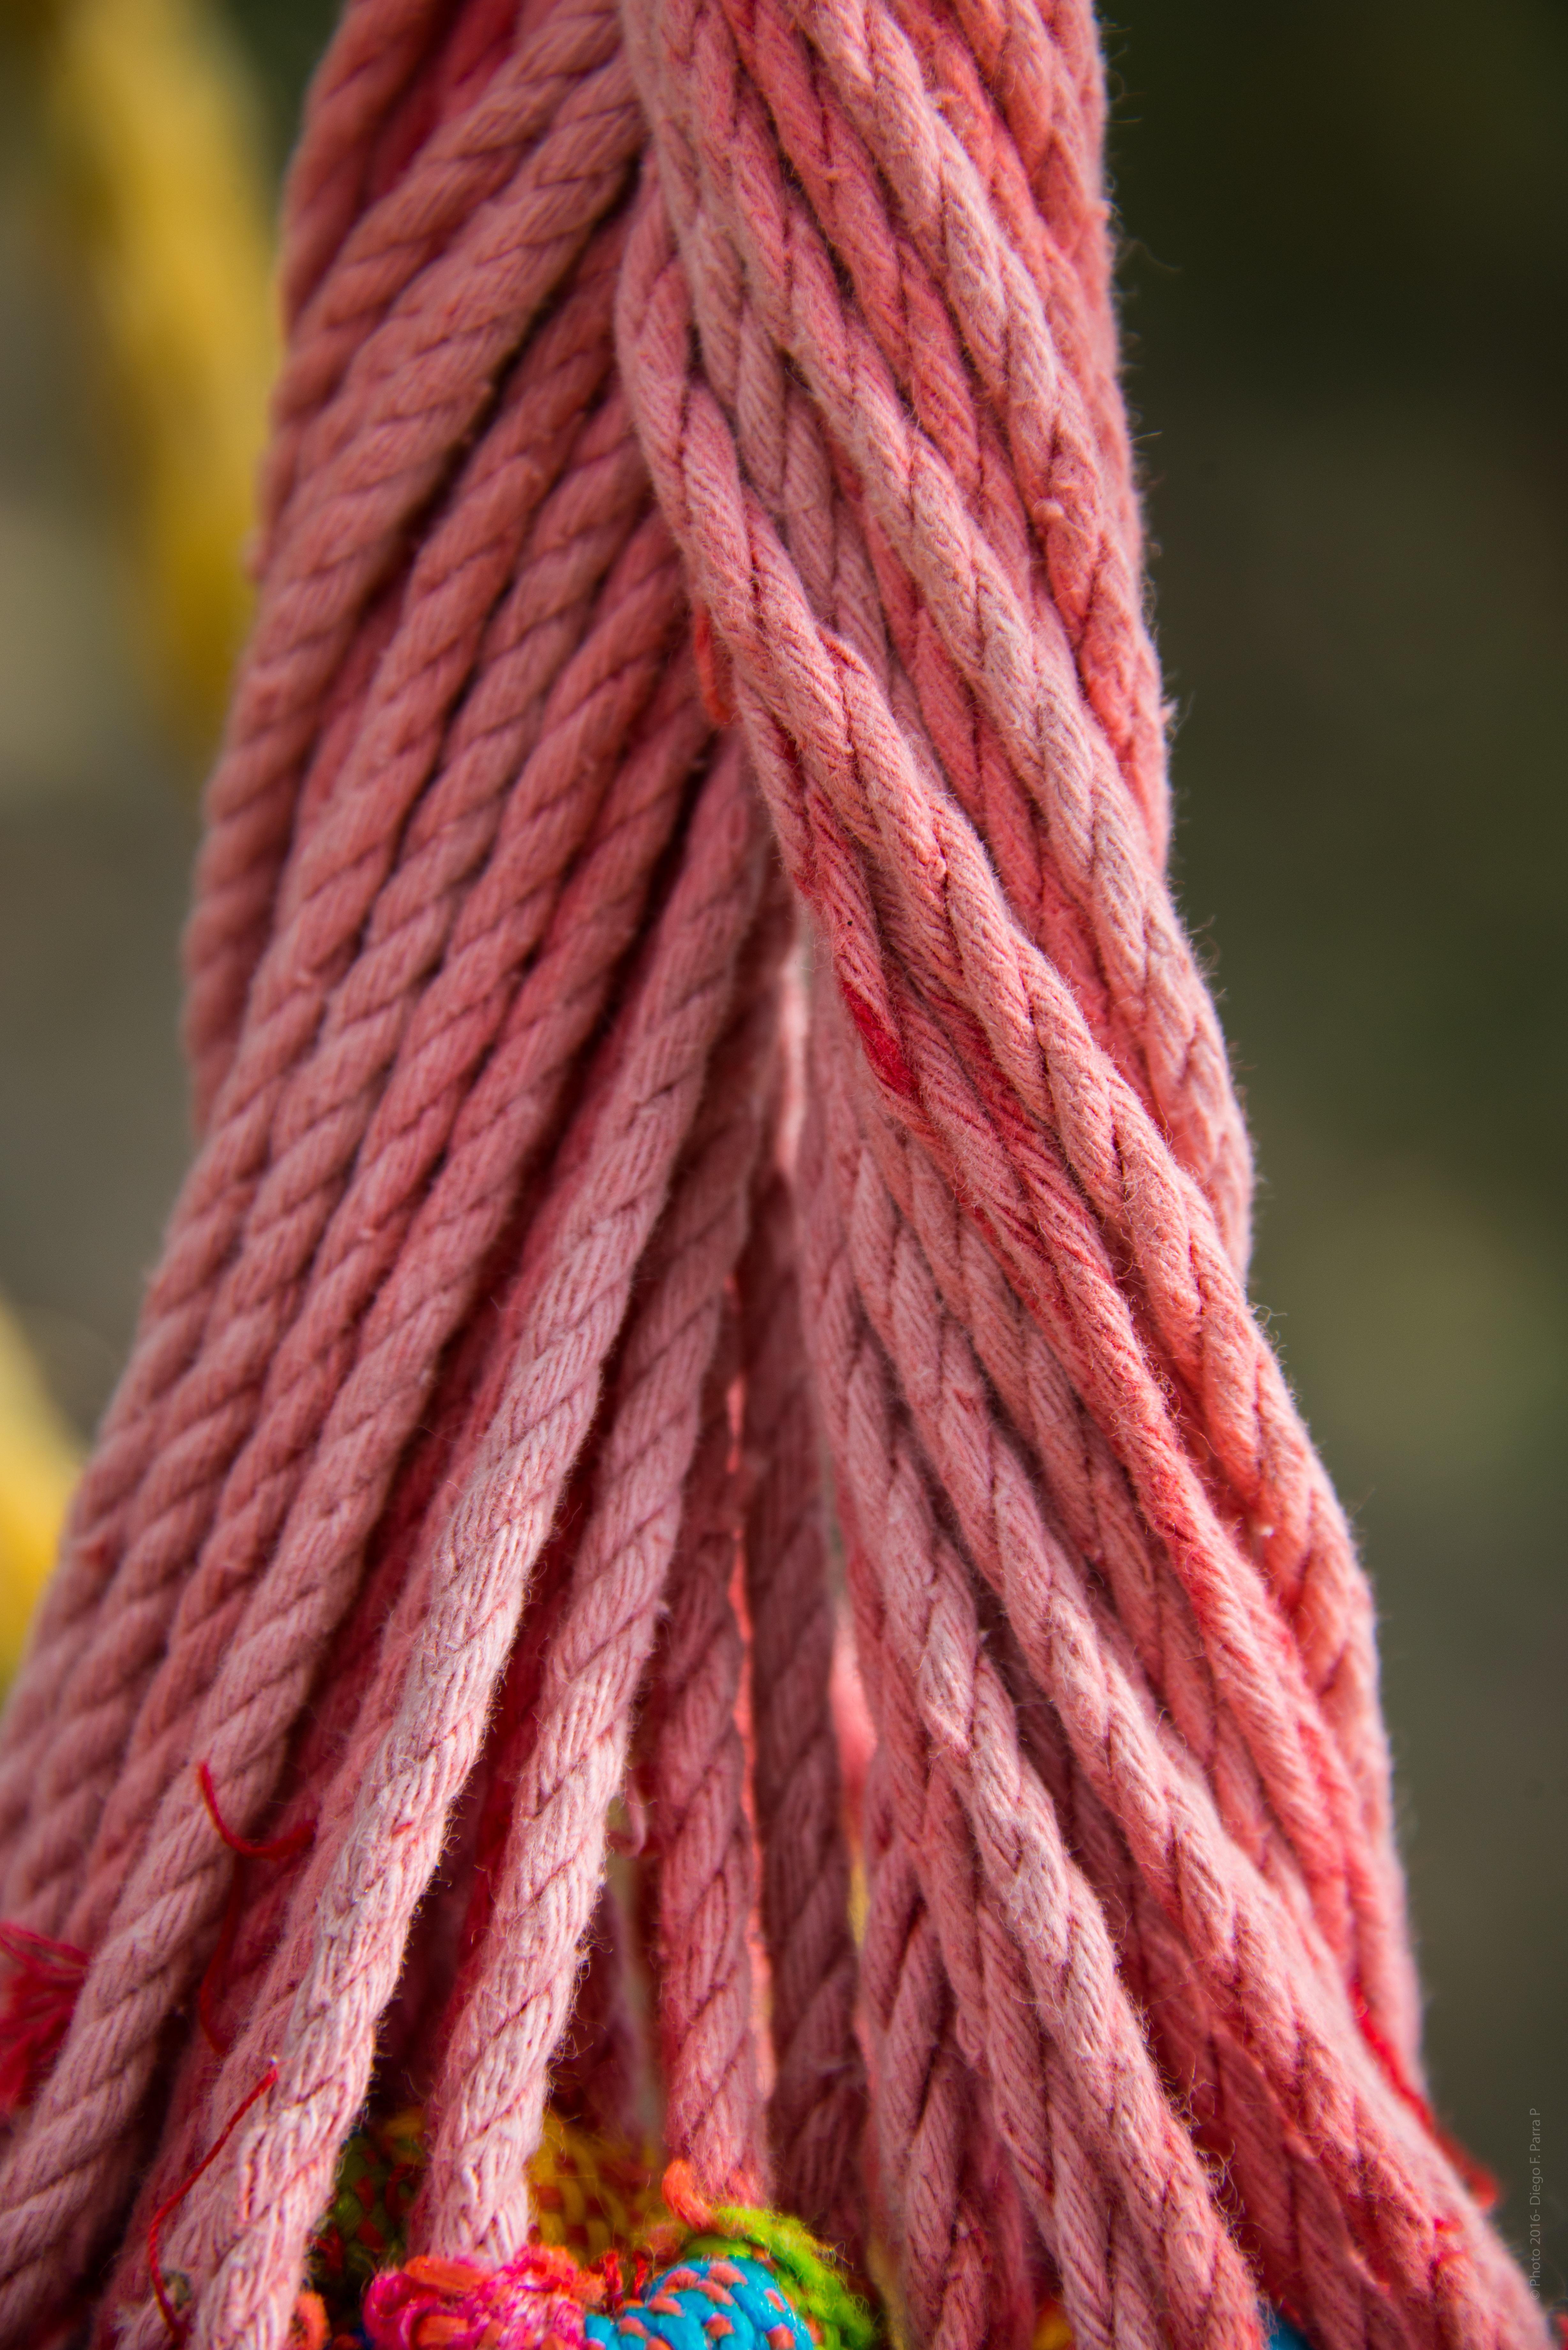 Fotos gratis : cuerda, flor, rojo, relajarse, color, Corbata ...